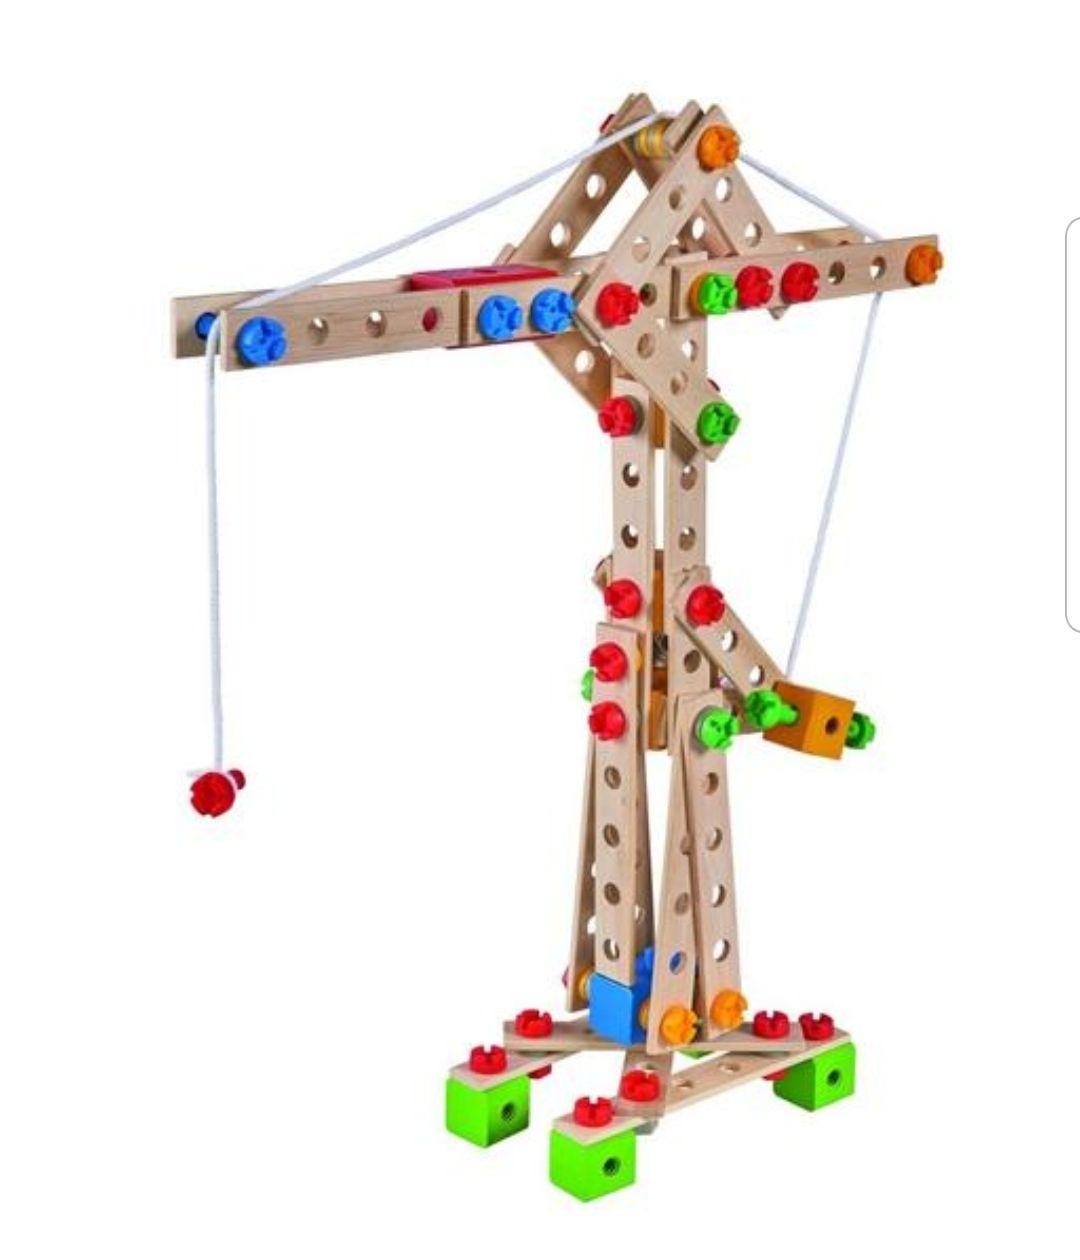 Eichhorn Constructor   170-teilig   5 versch. Modelle   z.B. Kran   Holz-Konstruktions-Set   inkl. Schrauben und Werkzeug   Holz Spielzeug